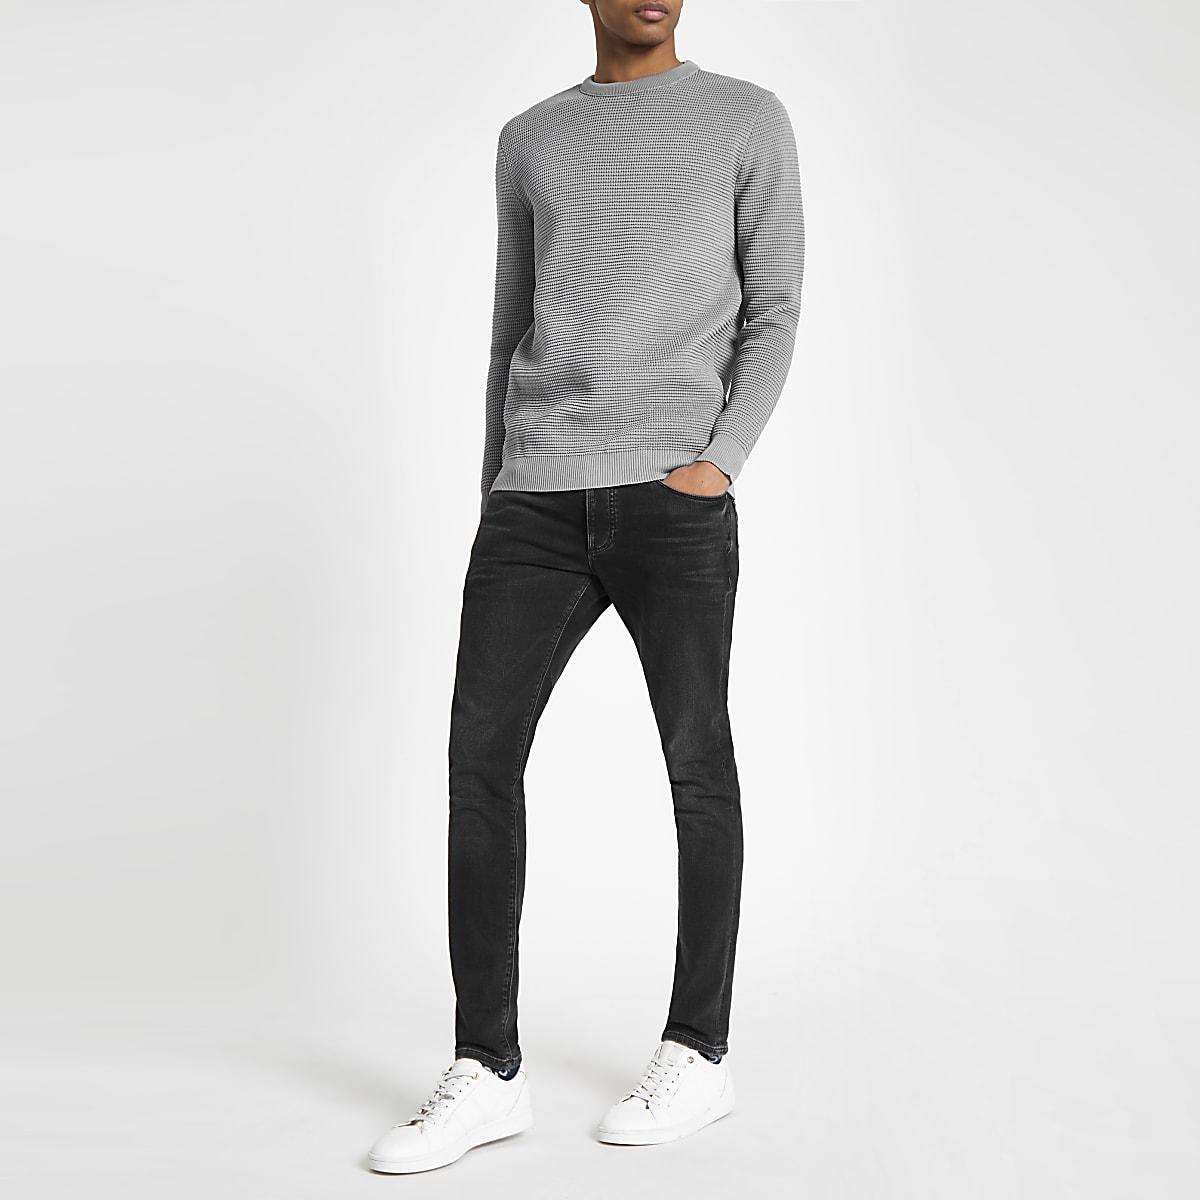 48fdaf44d8a Grey textured knit slim fit jumper - Jumpers - Jumpers   Cardigans - men